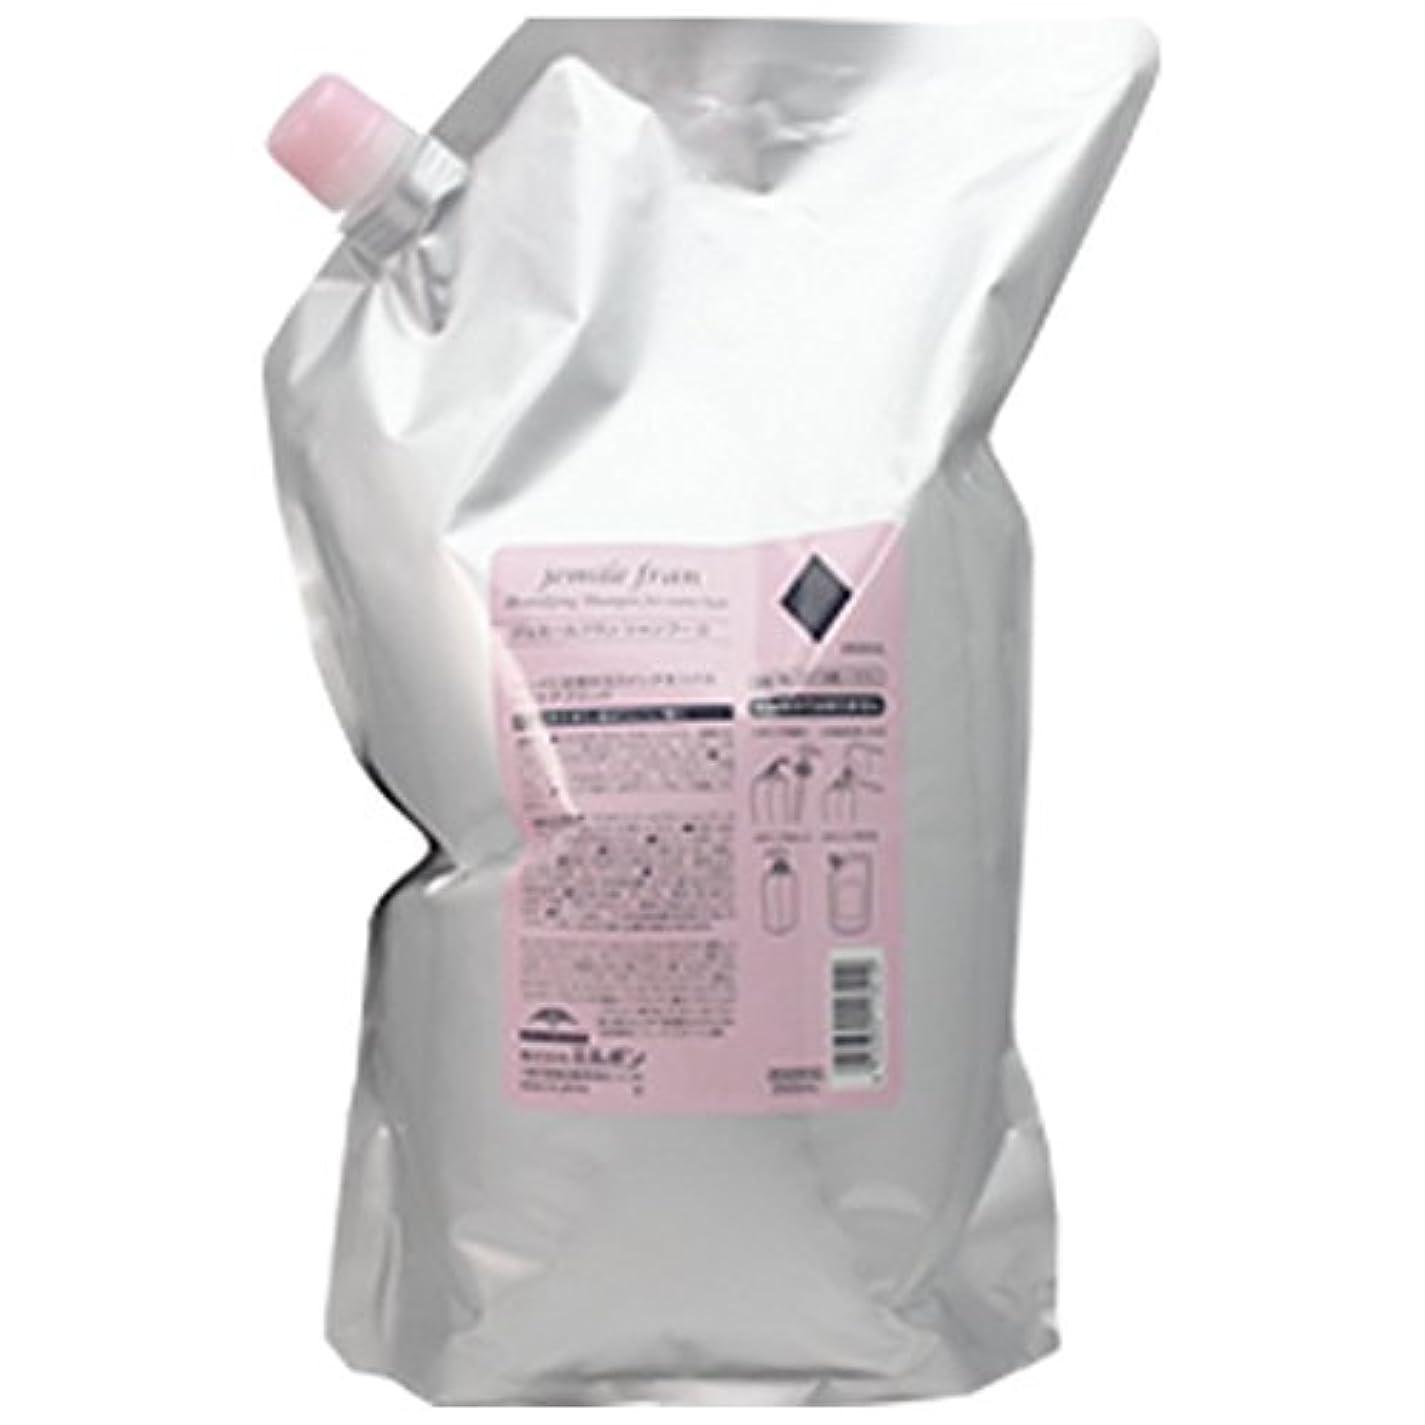 拘束する膜肉のミルボン ジェミールフラン シャンプーD 2500ml(レフィル)